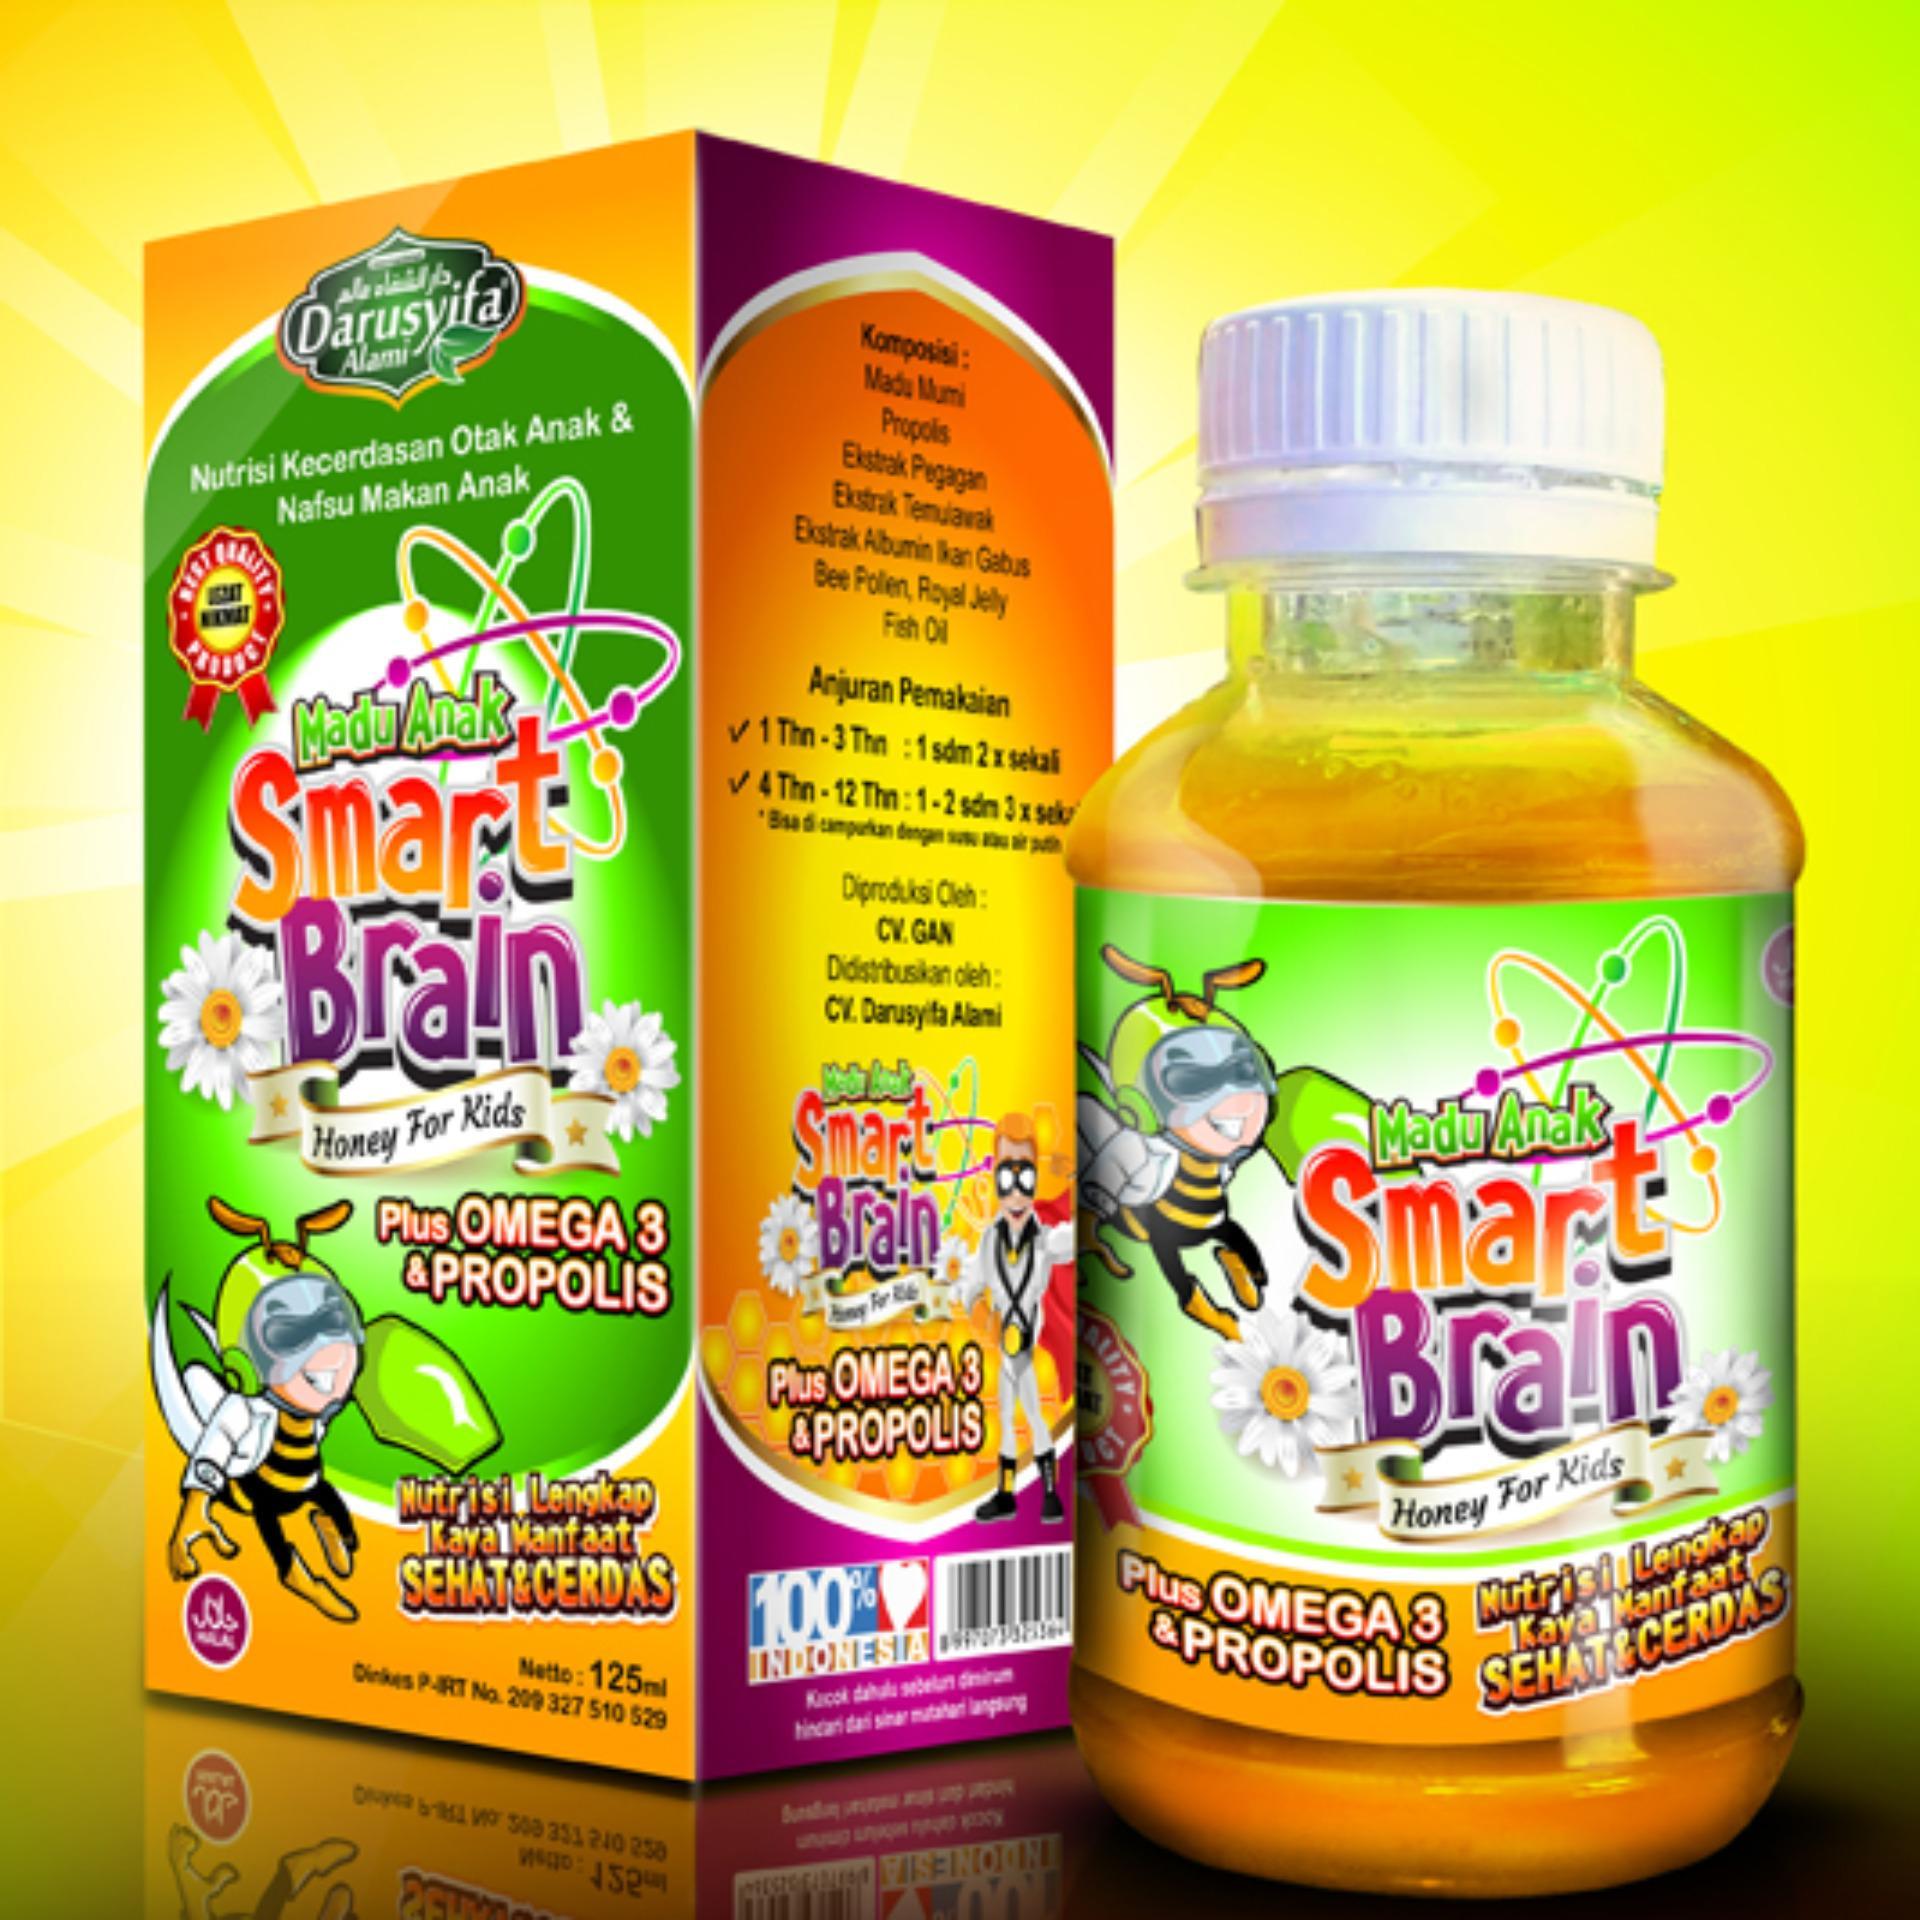 Harga preferensial Madu Anak Pintar Smart Brain Plus Omega 3 Dan Propolis terbaik murah - Hanya